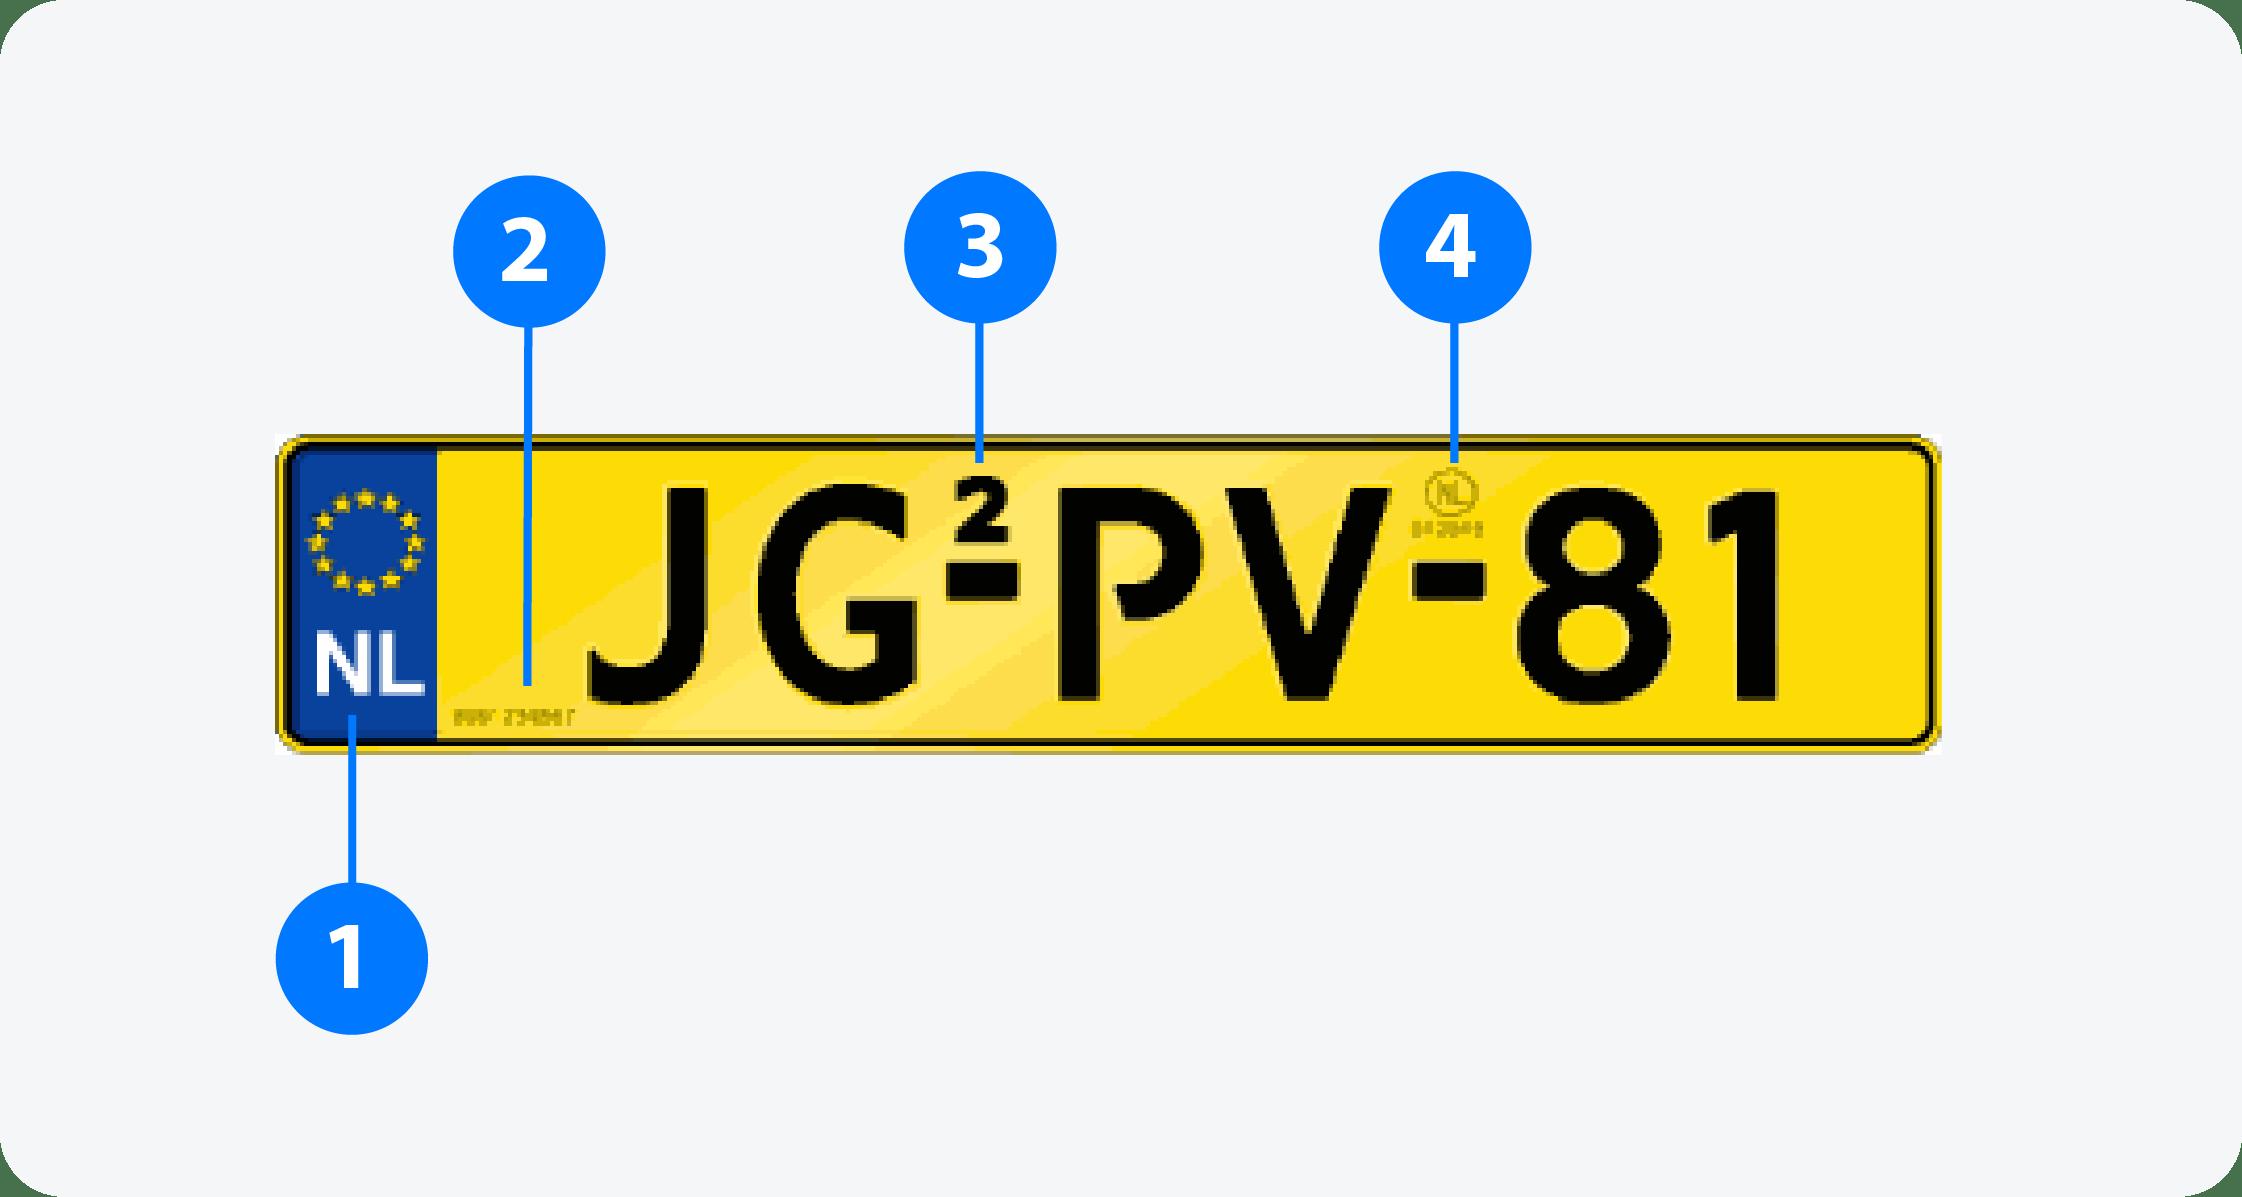 Uitleg Cijfers en Letters op de gele kentekenplaat